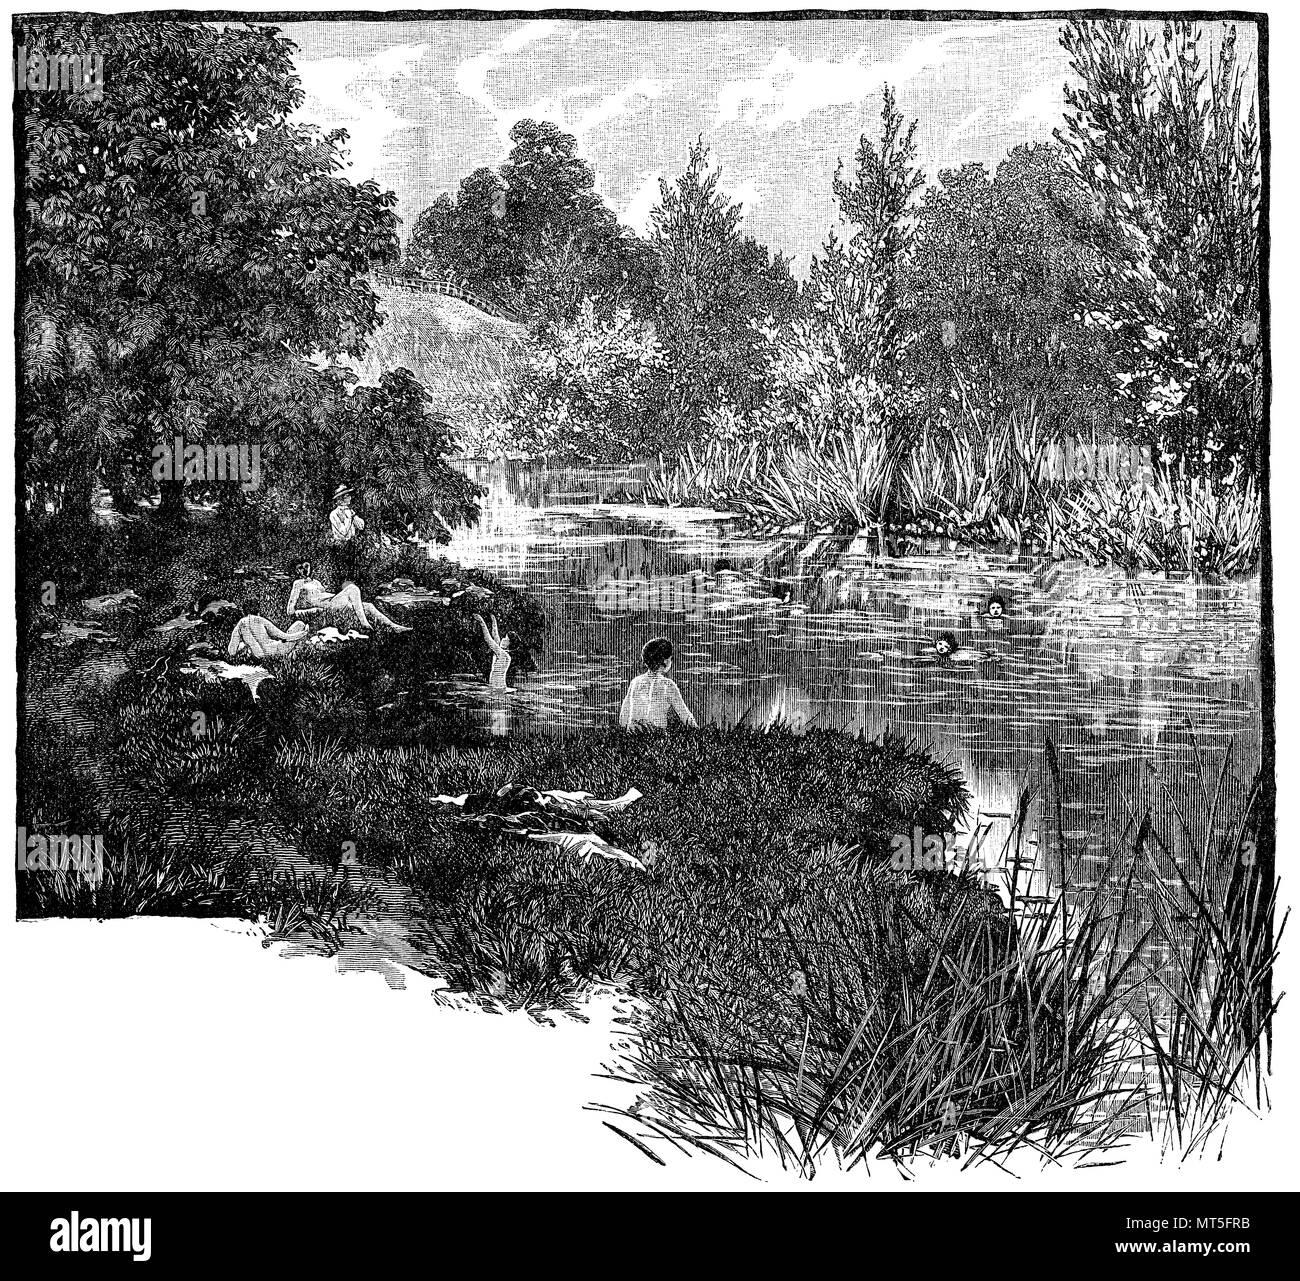 Baden fluss nackt im Fließgewässer: Baden